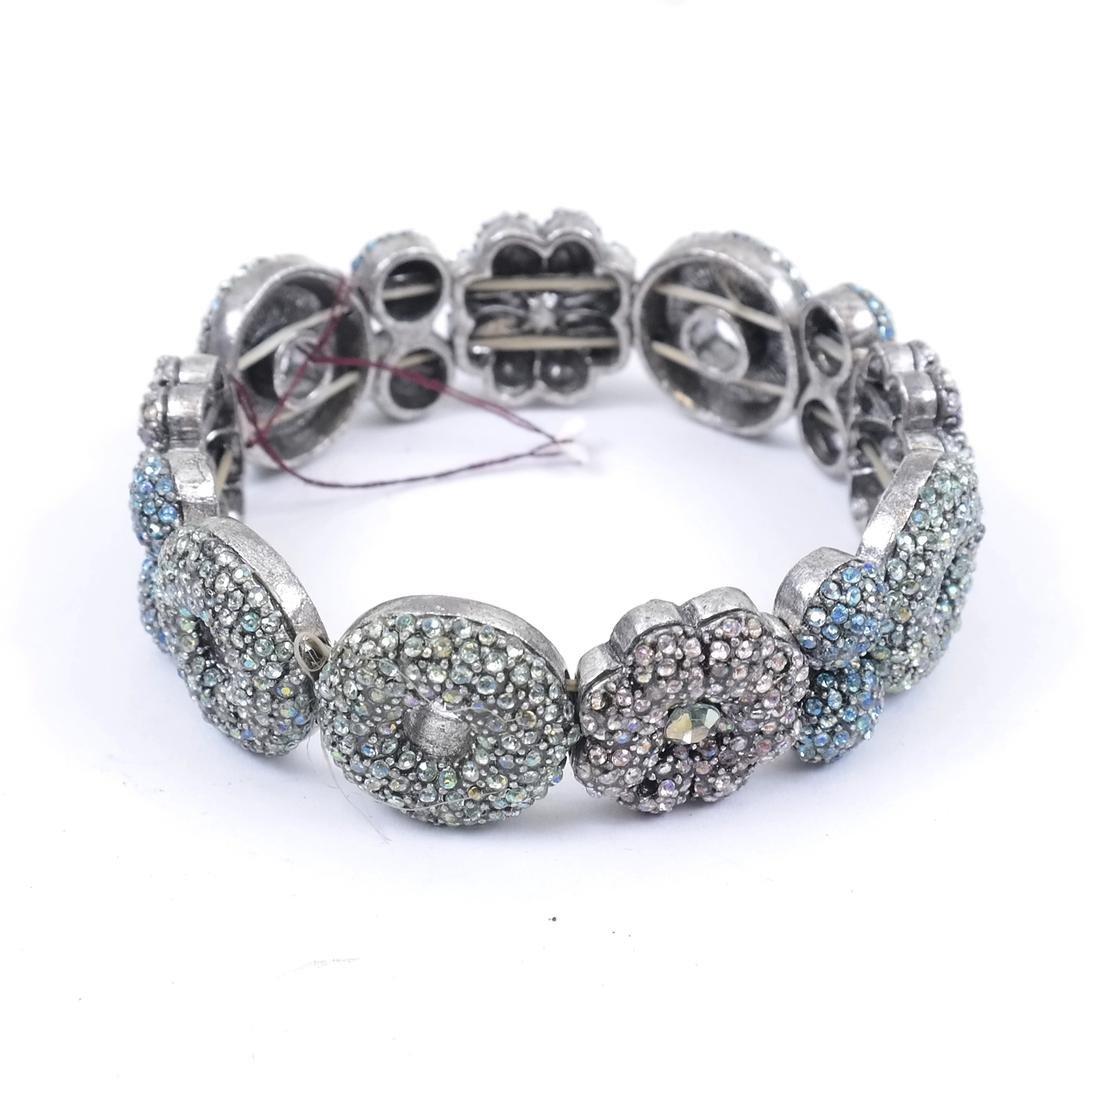 Jade and Assorted Neckaces & Bracelets - 4